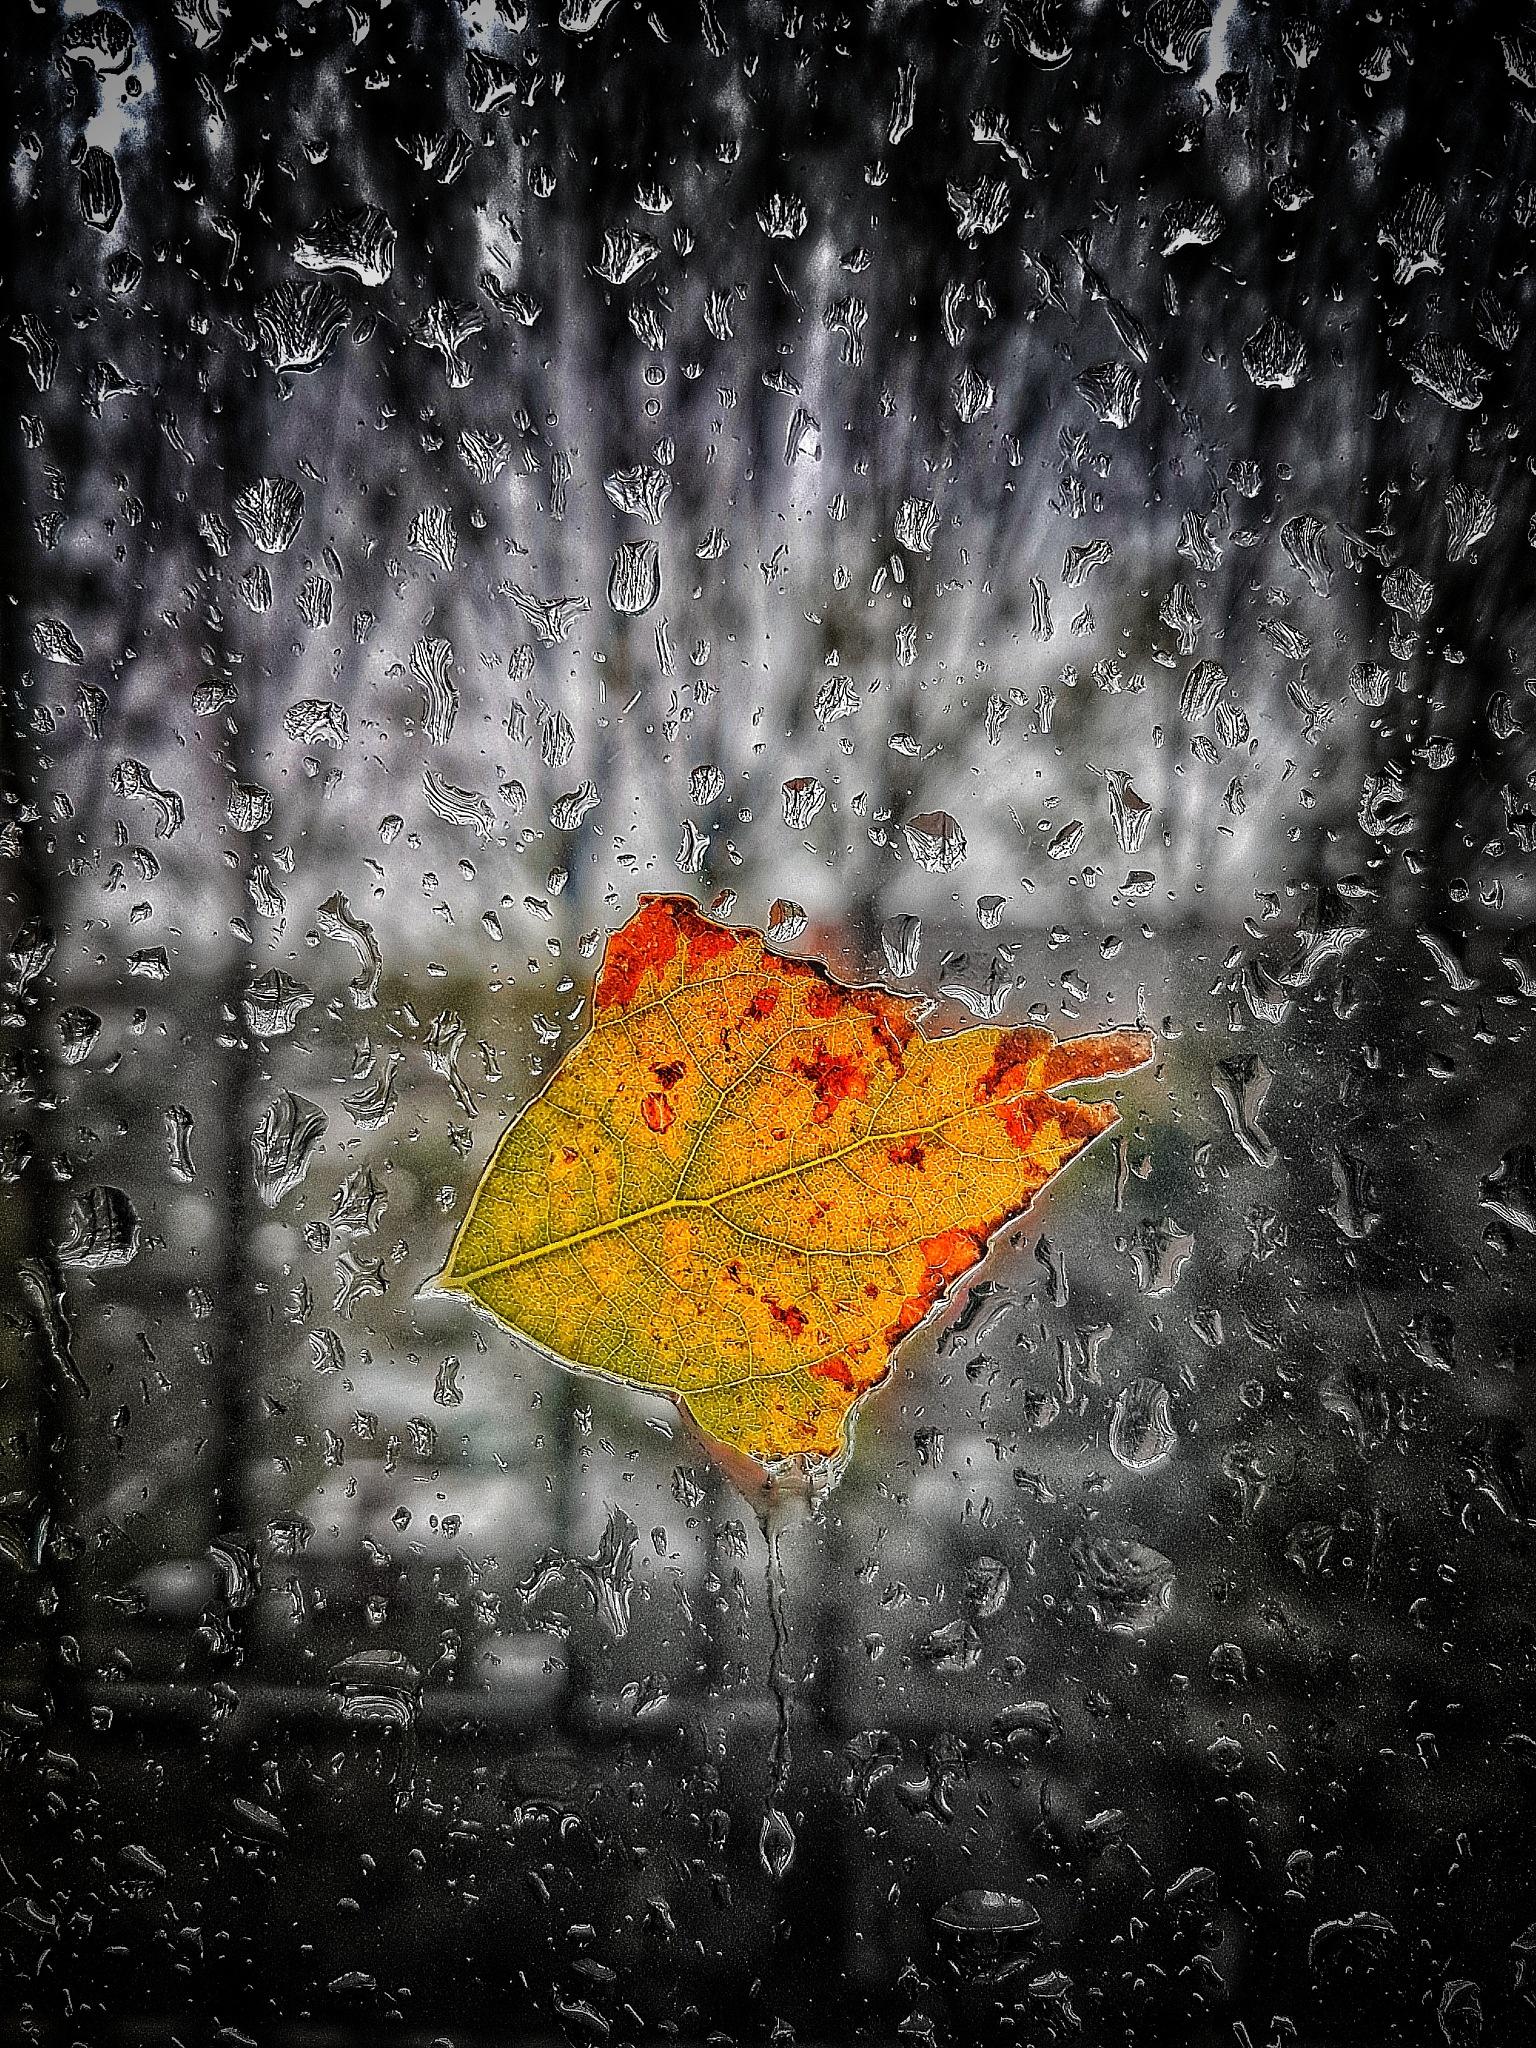 Leaf on a window  by Edi Straub